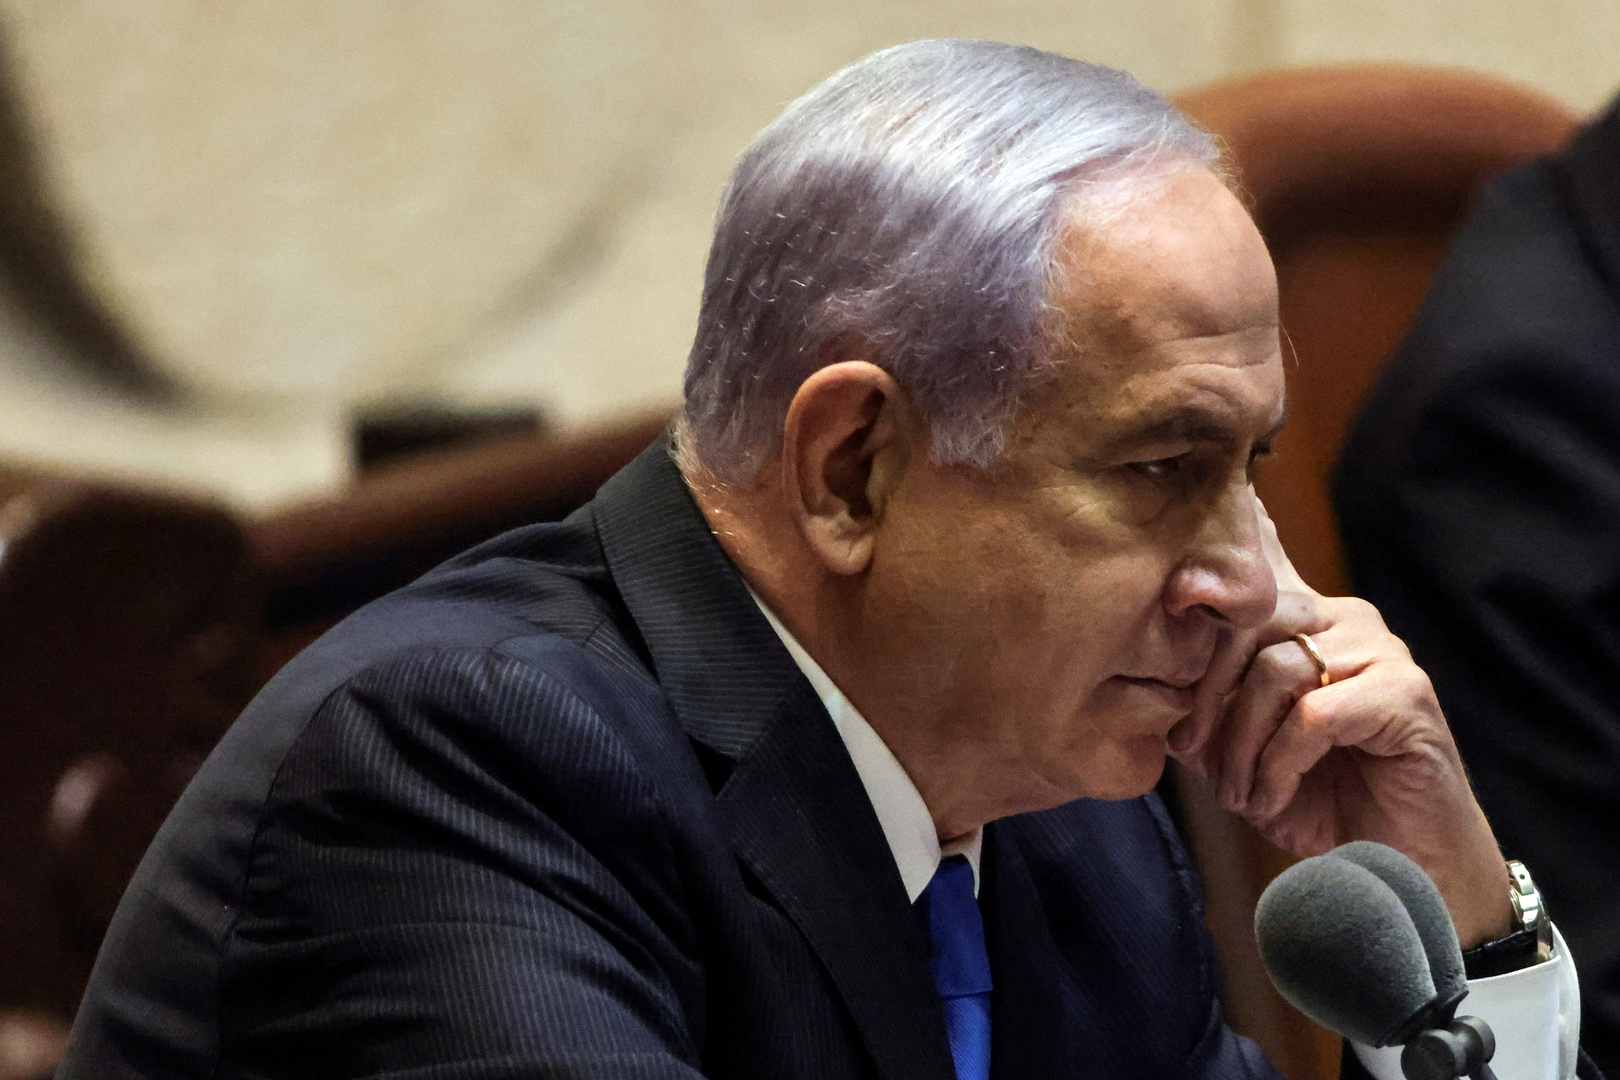 رئيس الوزراء الإسرائيلي السابق، بنيامين نتنياهو